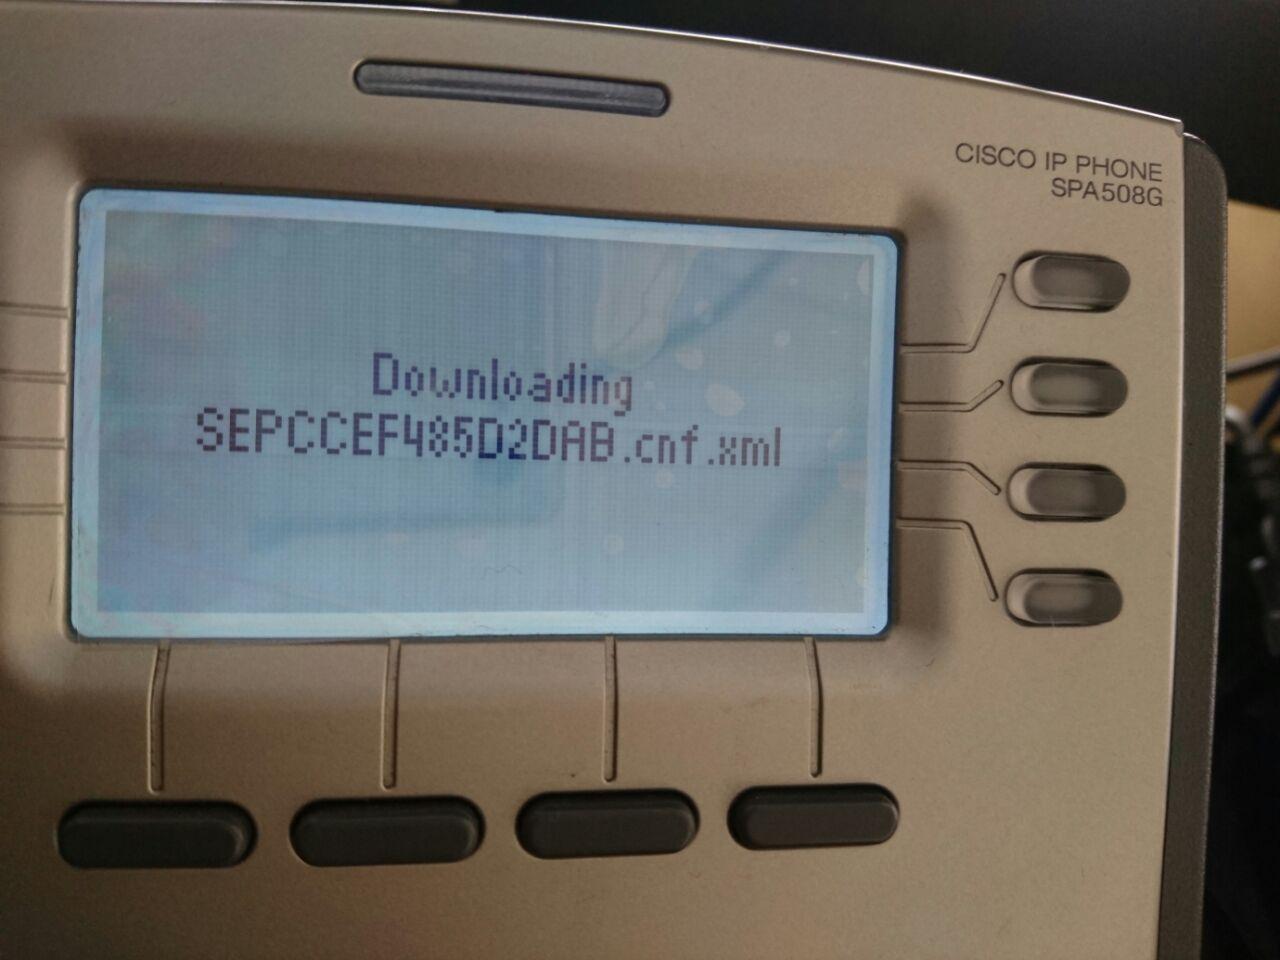 Inconvenientes Que Tengo Con El Teléfono IP de Cisco 508 G